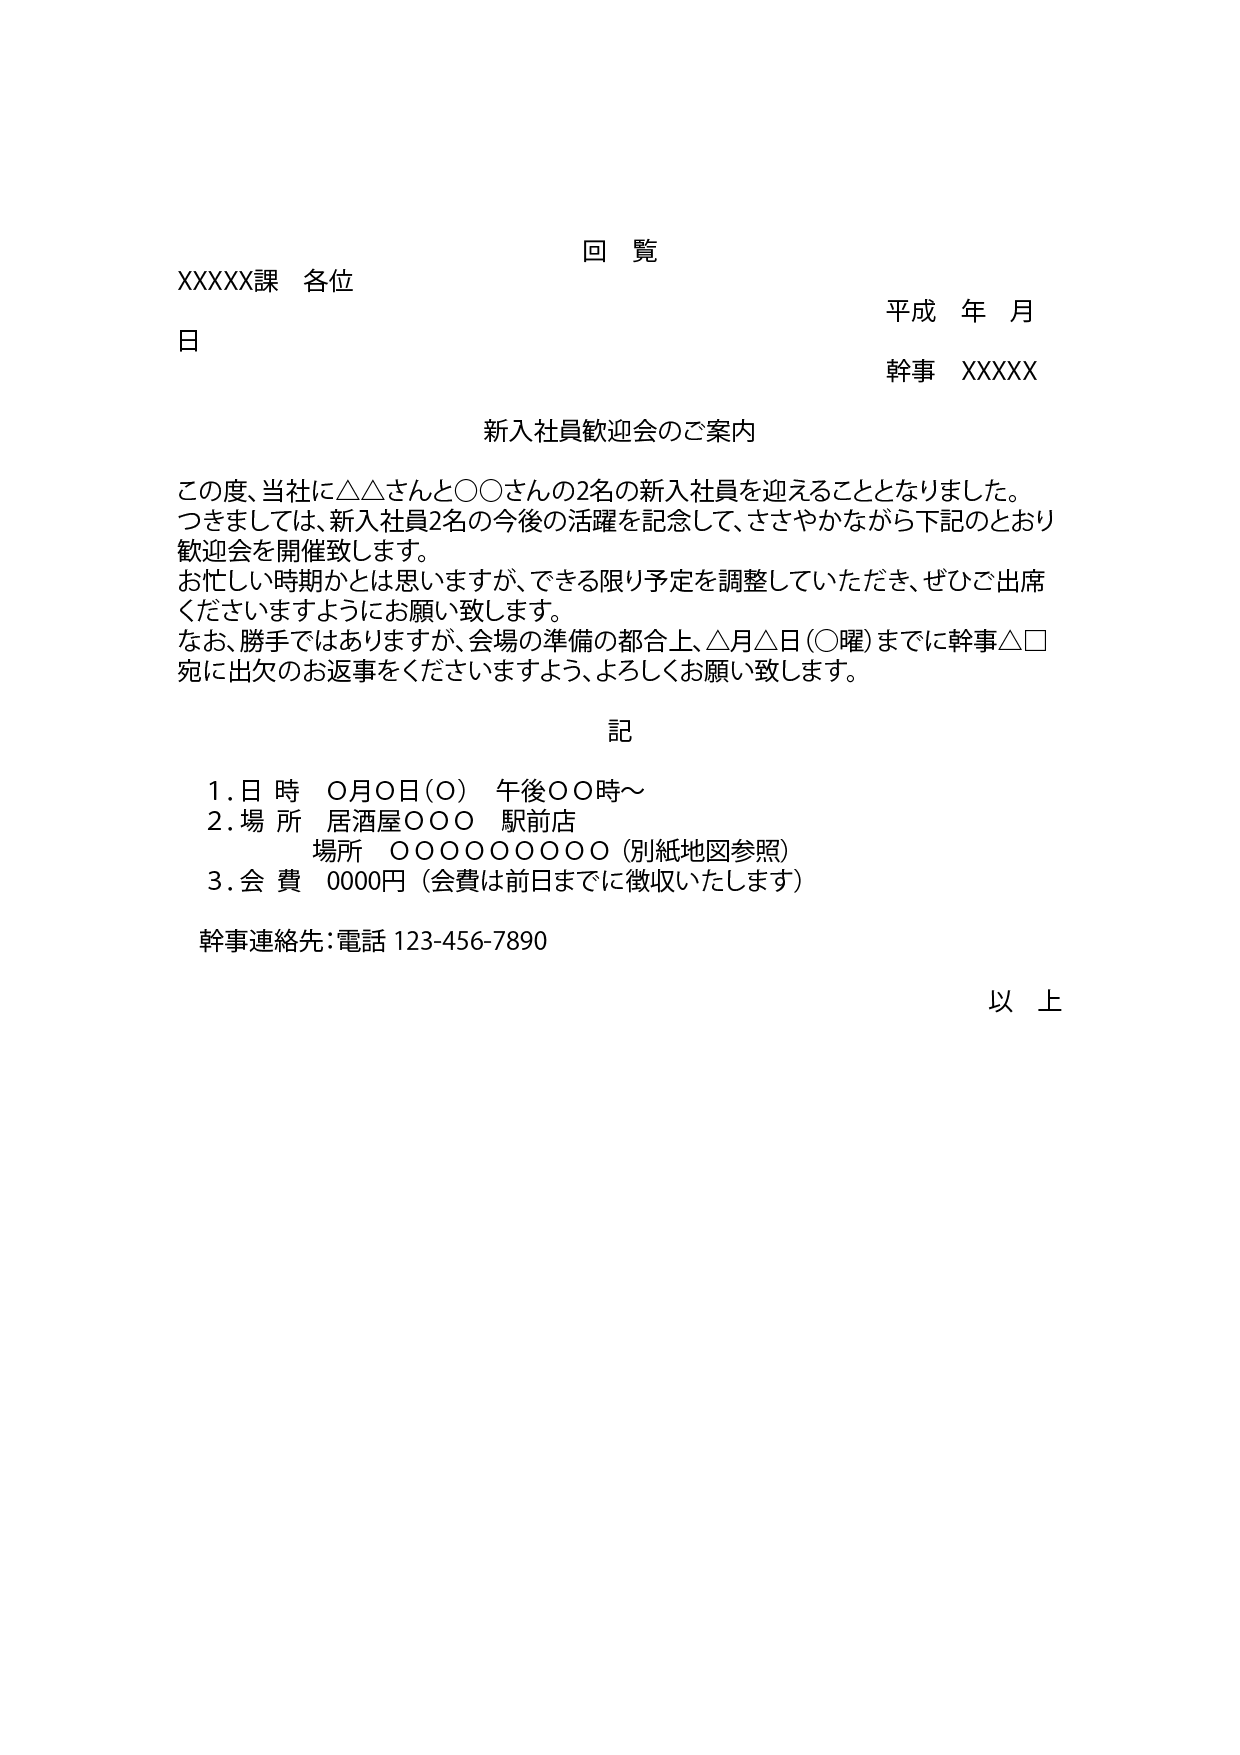 案内文例テンプレート_歓迎会(ワード・ページズ)